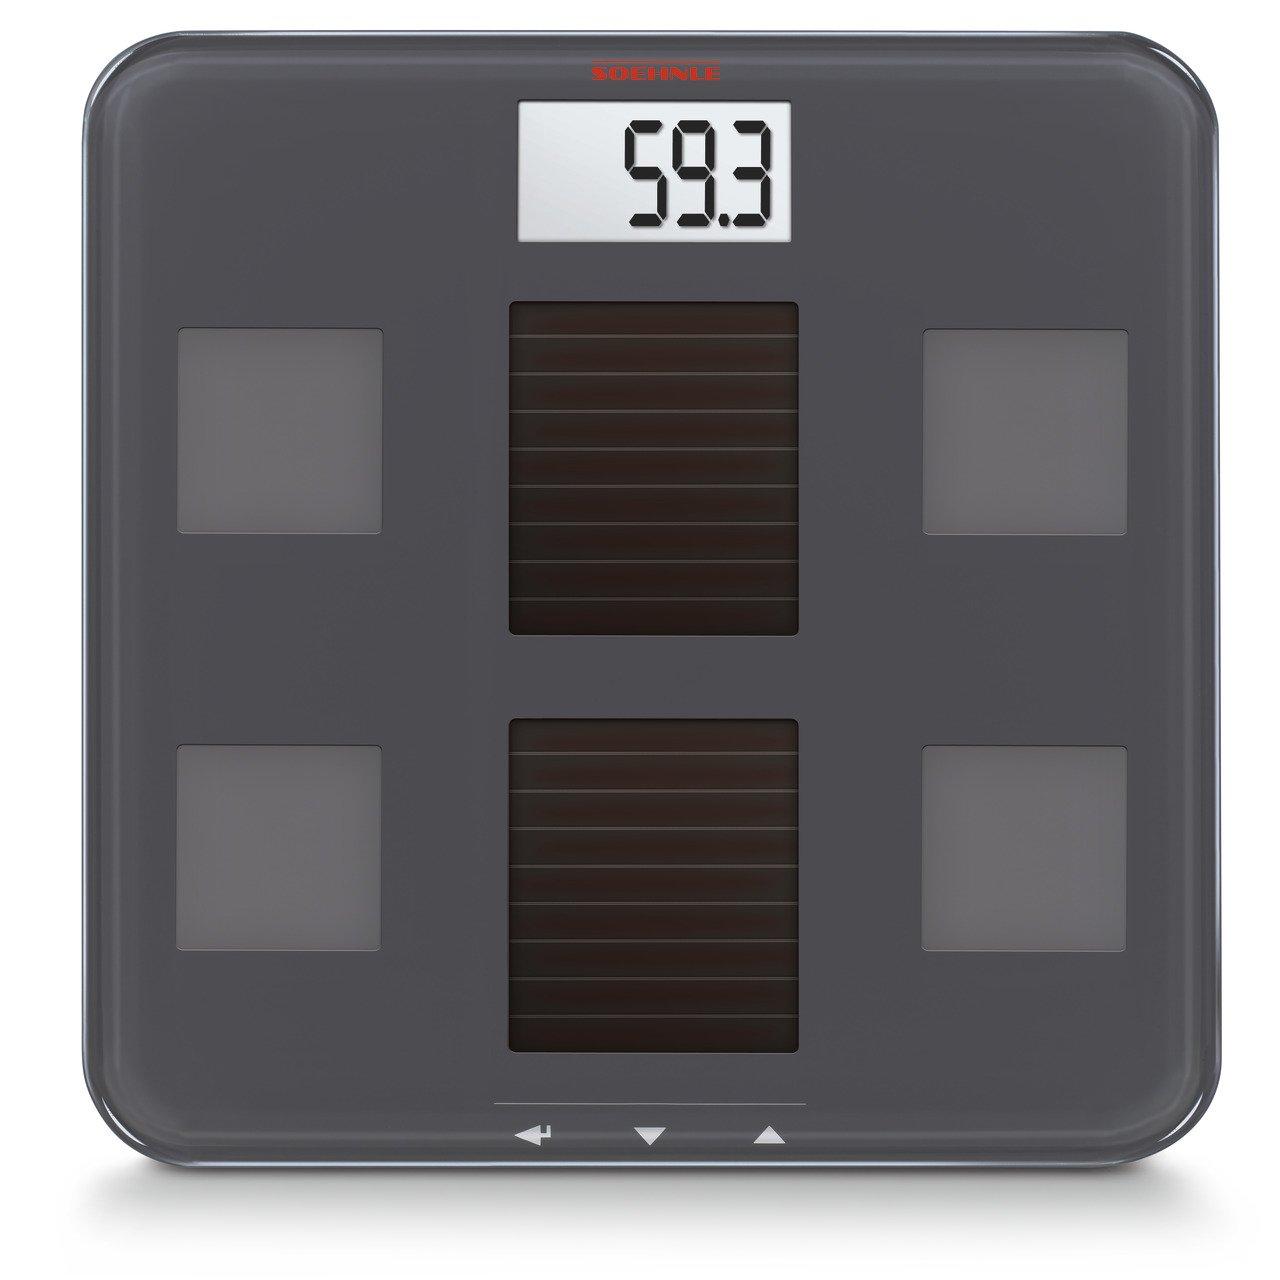 Soehnle 63342 - Báscula digital con análisis corporal y función solar: Amazon.es: Salud y cuidado personal